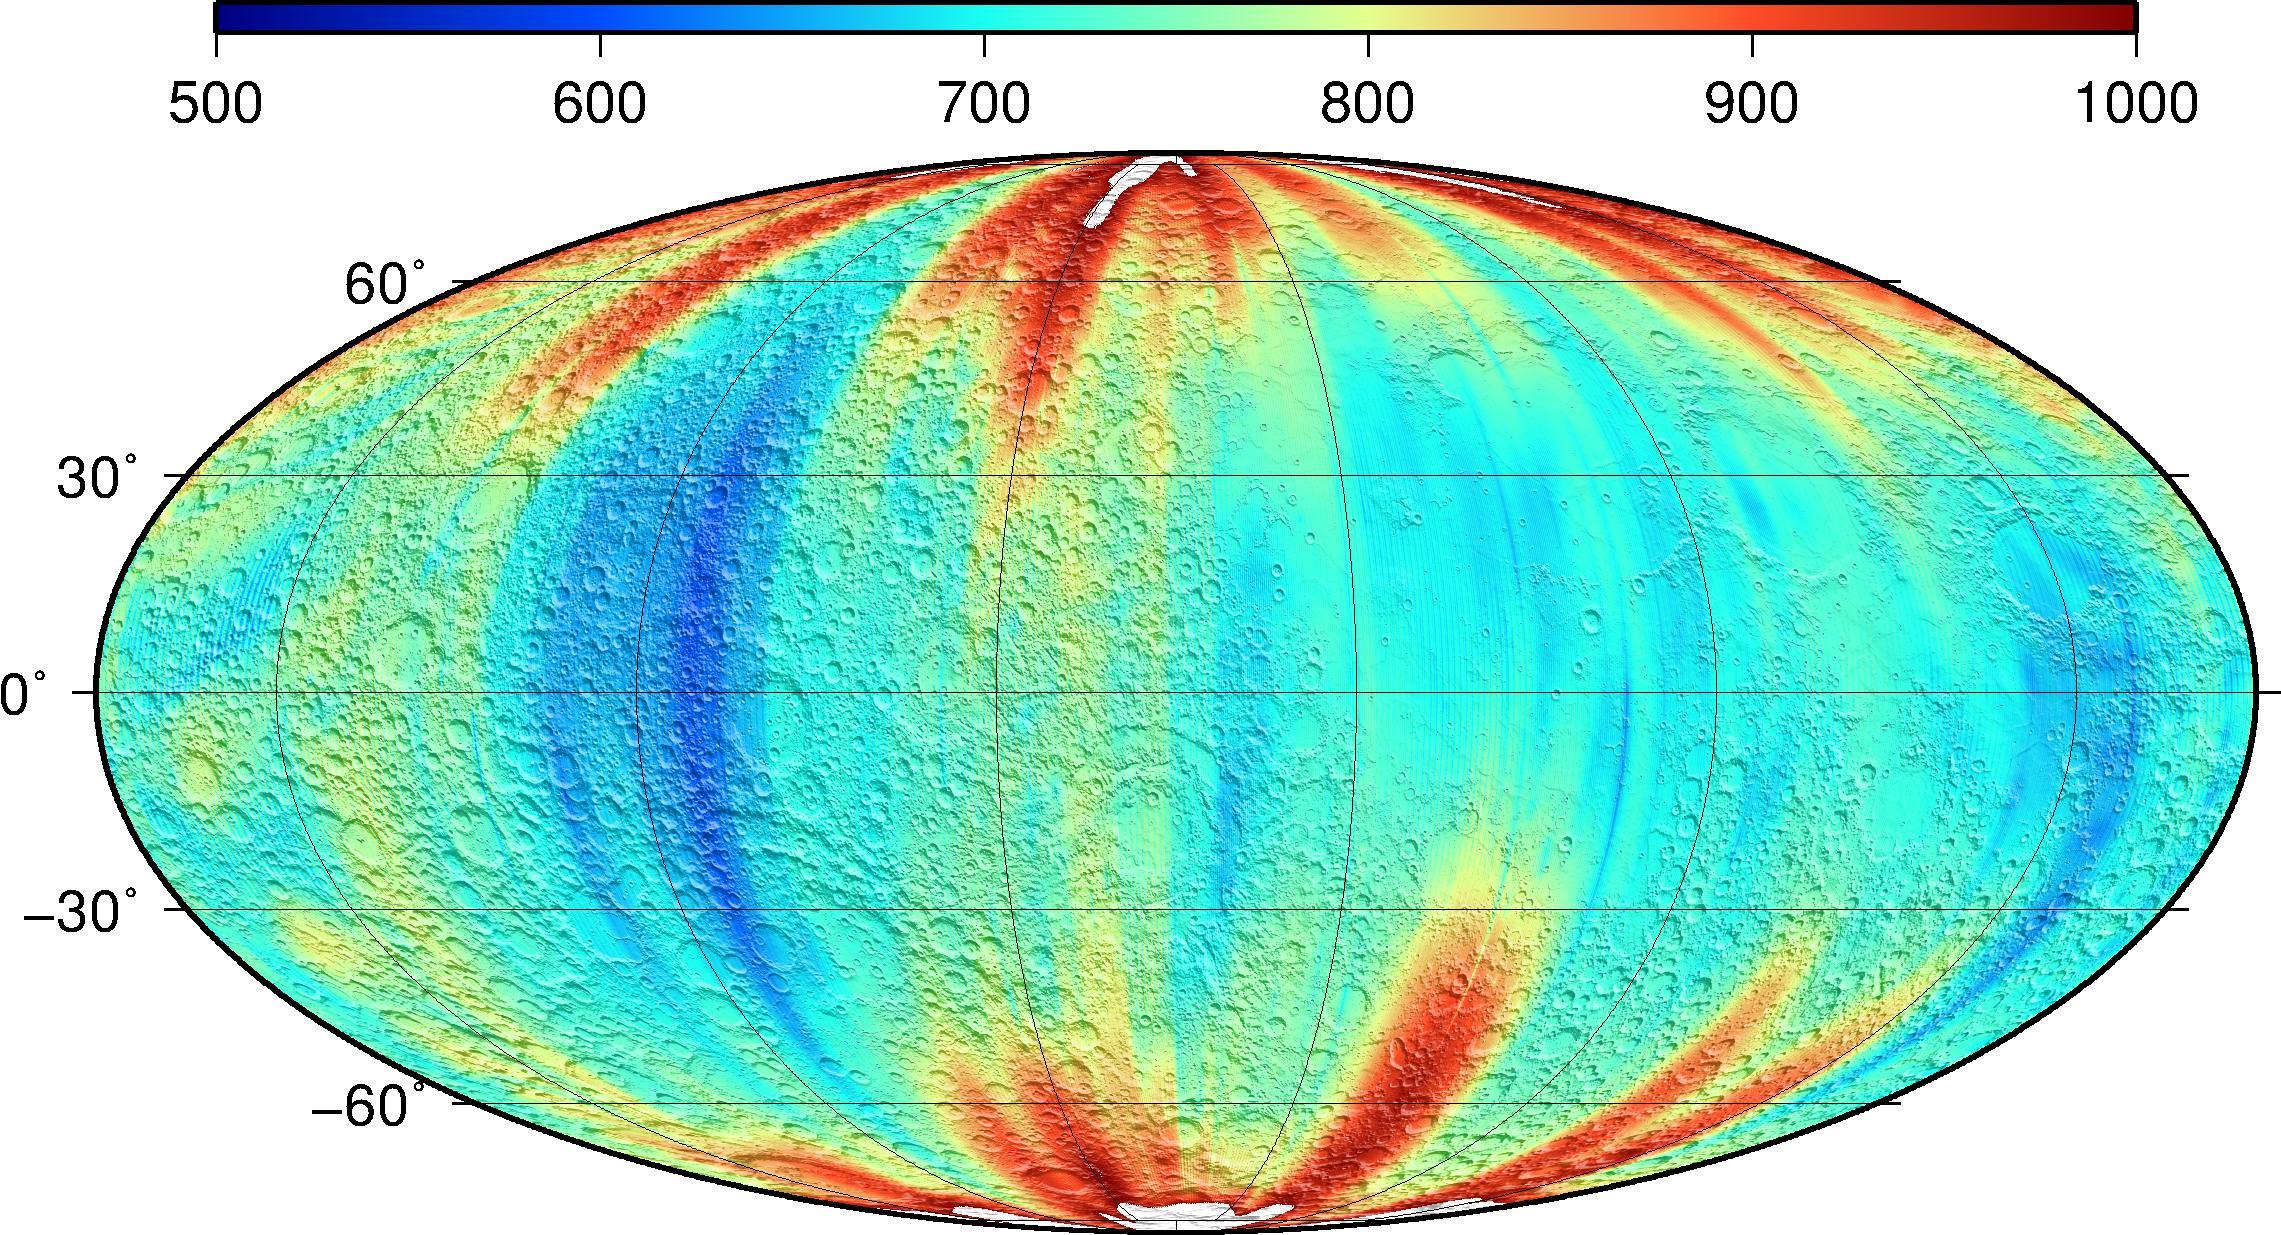 PGDA - Lunar Gravity Field: GRGM1200A